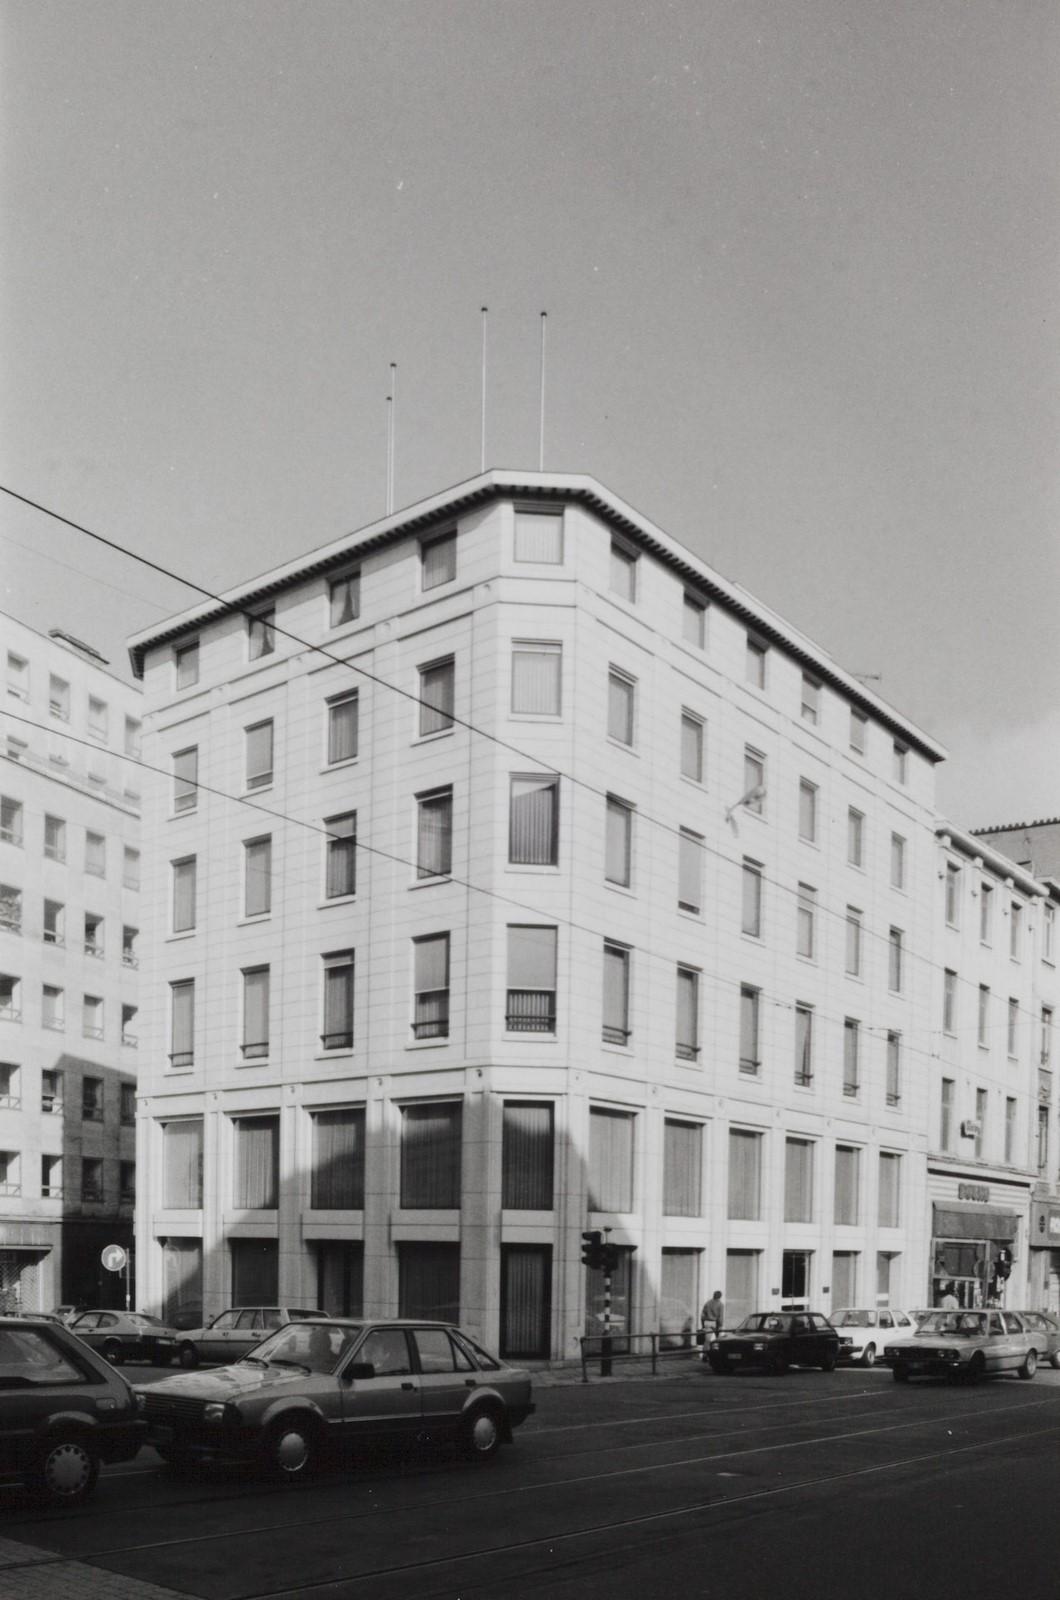 rue Royale 92-94-96a, angle Treurenberg et place de Louvain., 1990